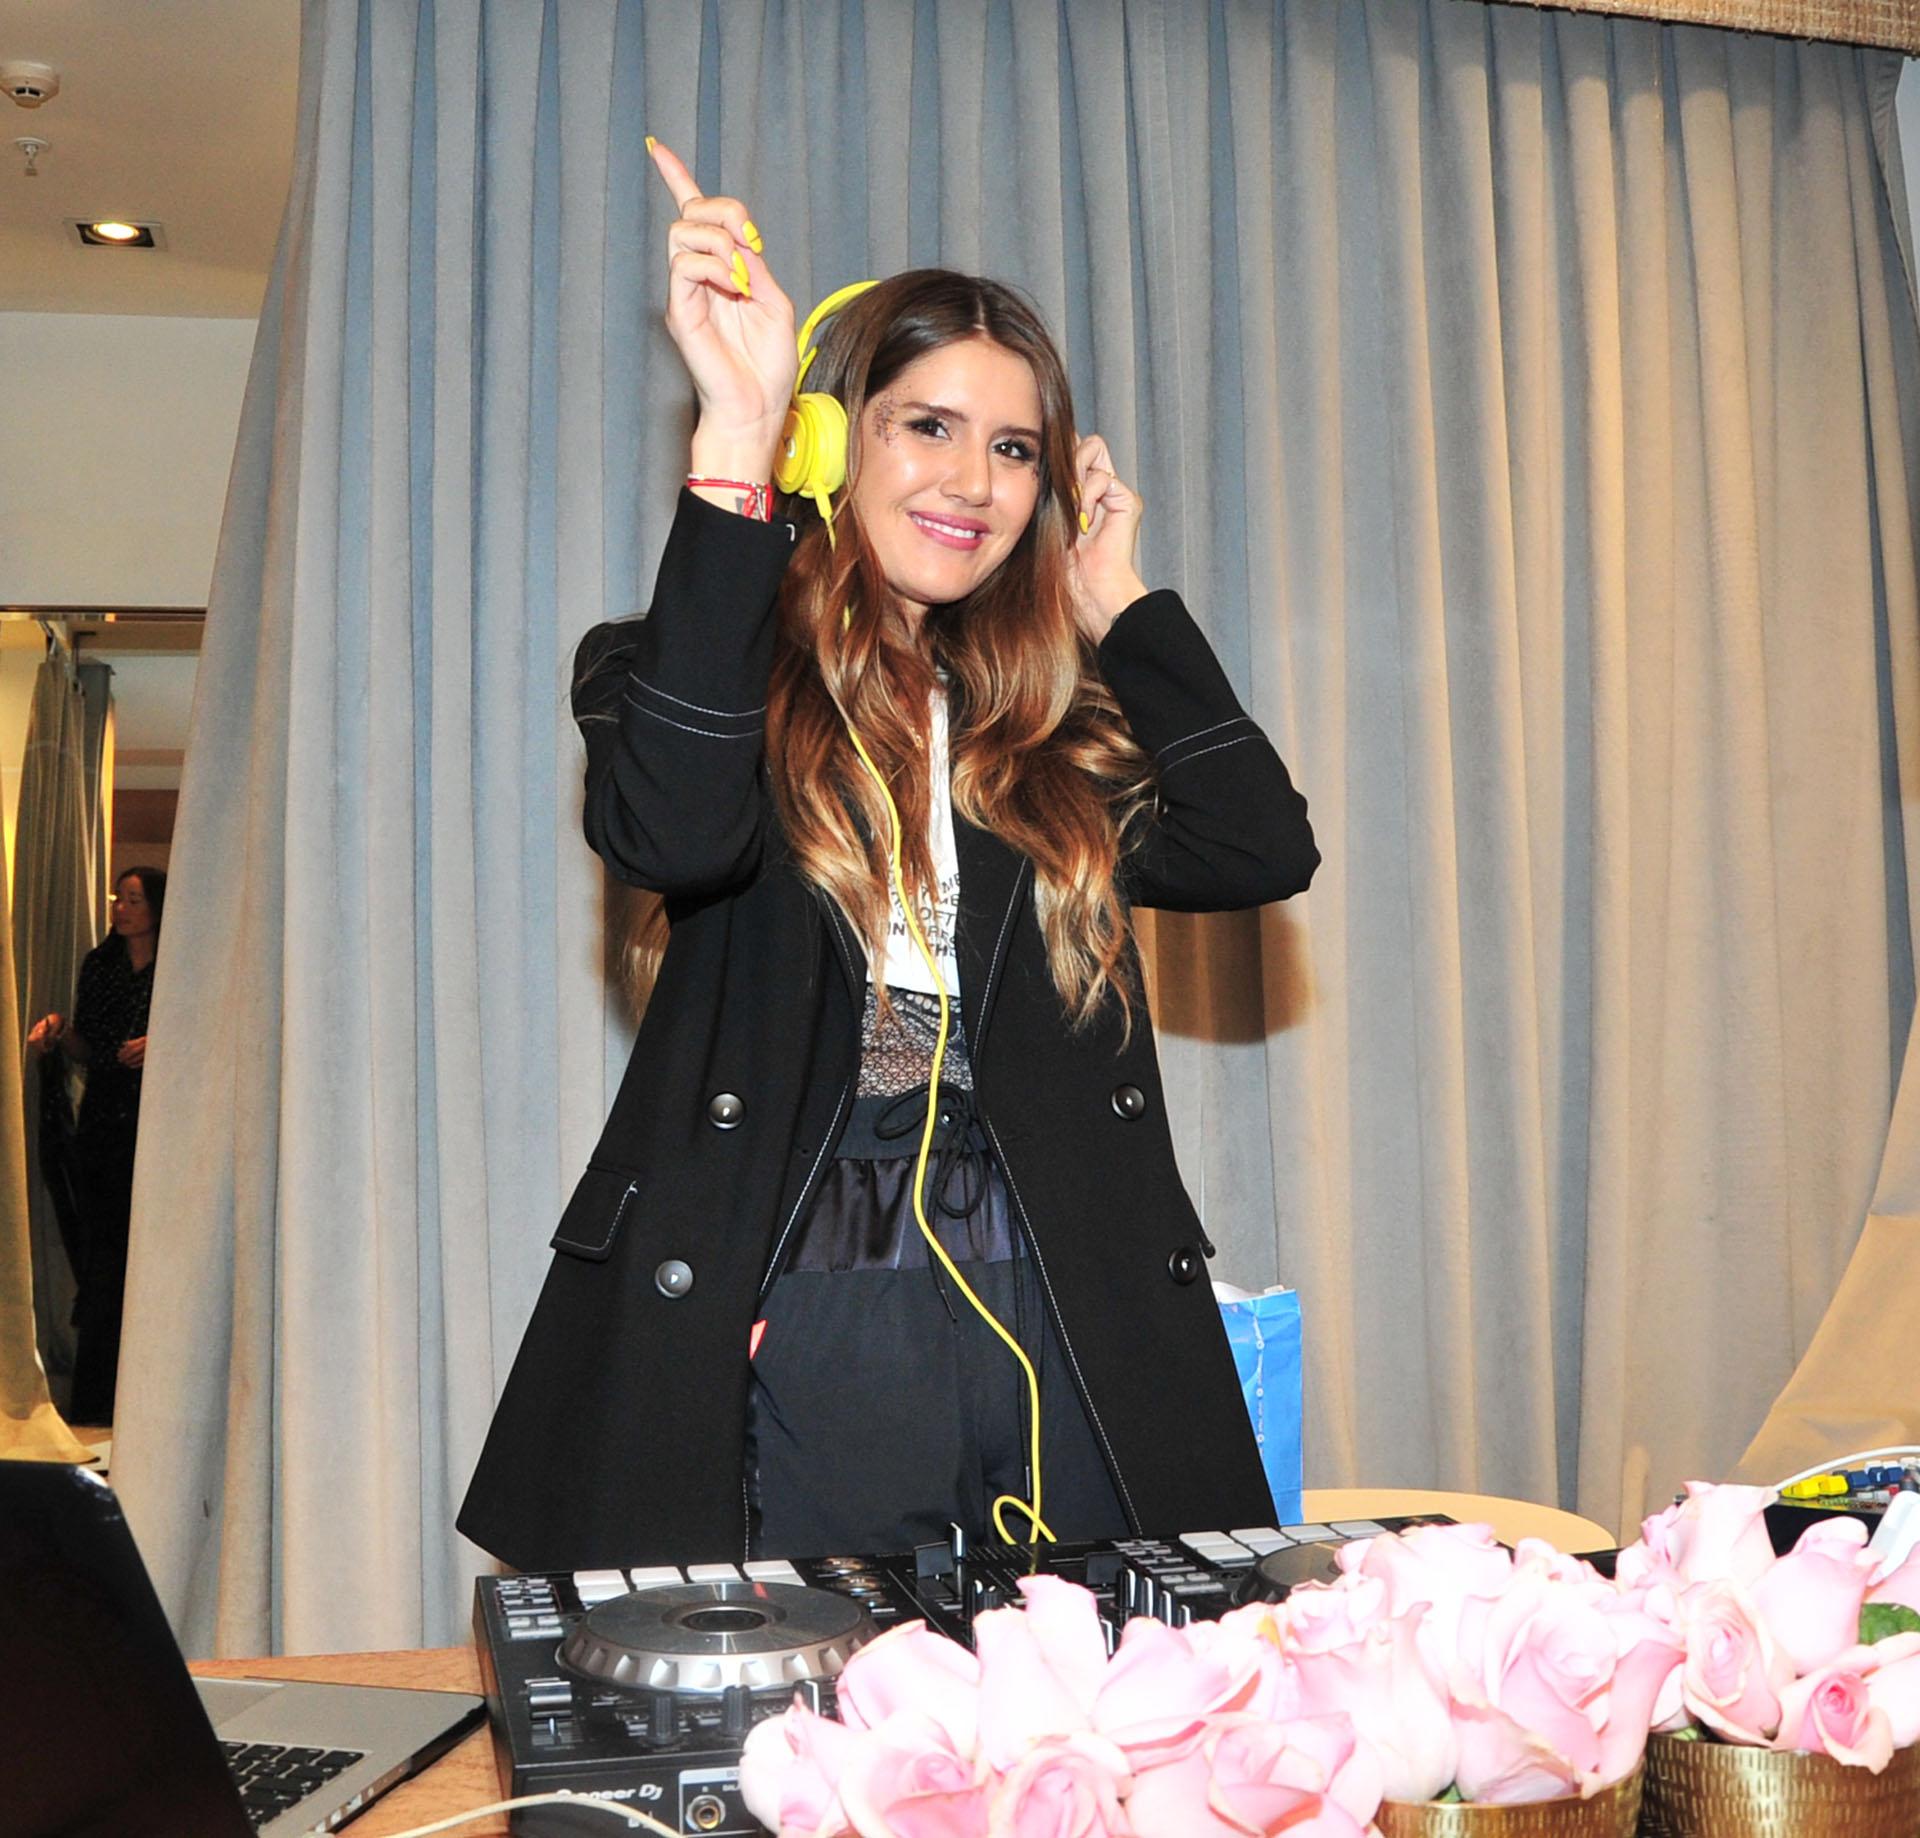 Micaela Tinelli presentó la nueva colección de su marca de ropa Ginebra en el shopping Alcorta. La diseñadora se divirtió pasando música en su local comercial